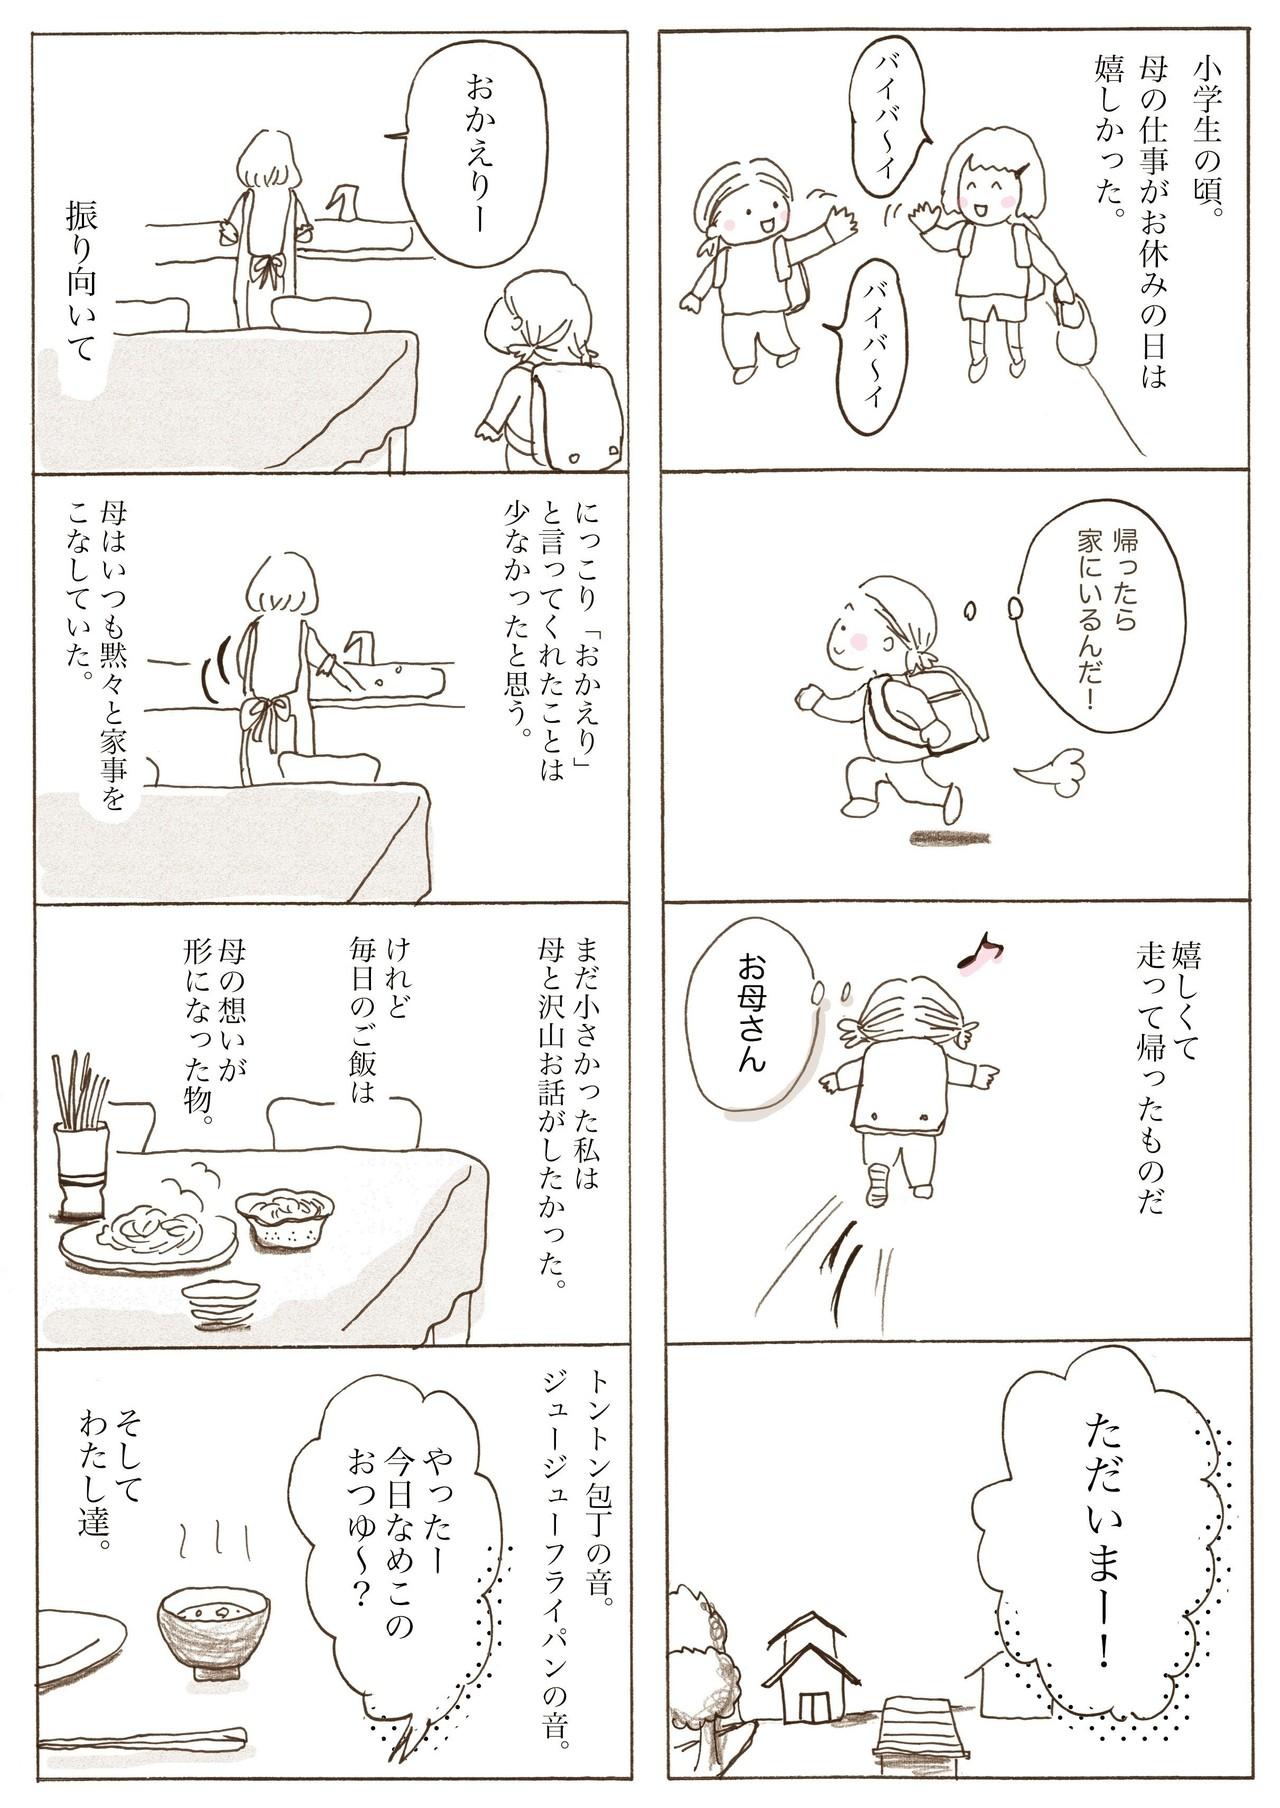 日常漫画17note